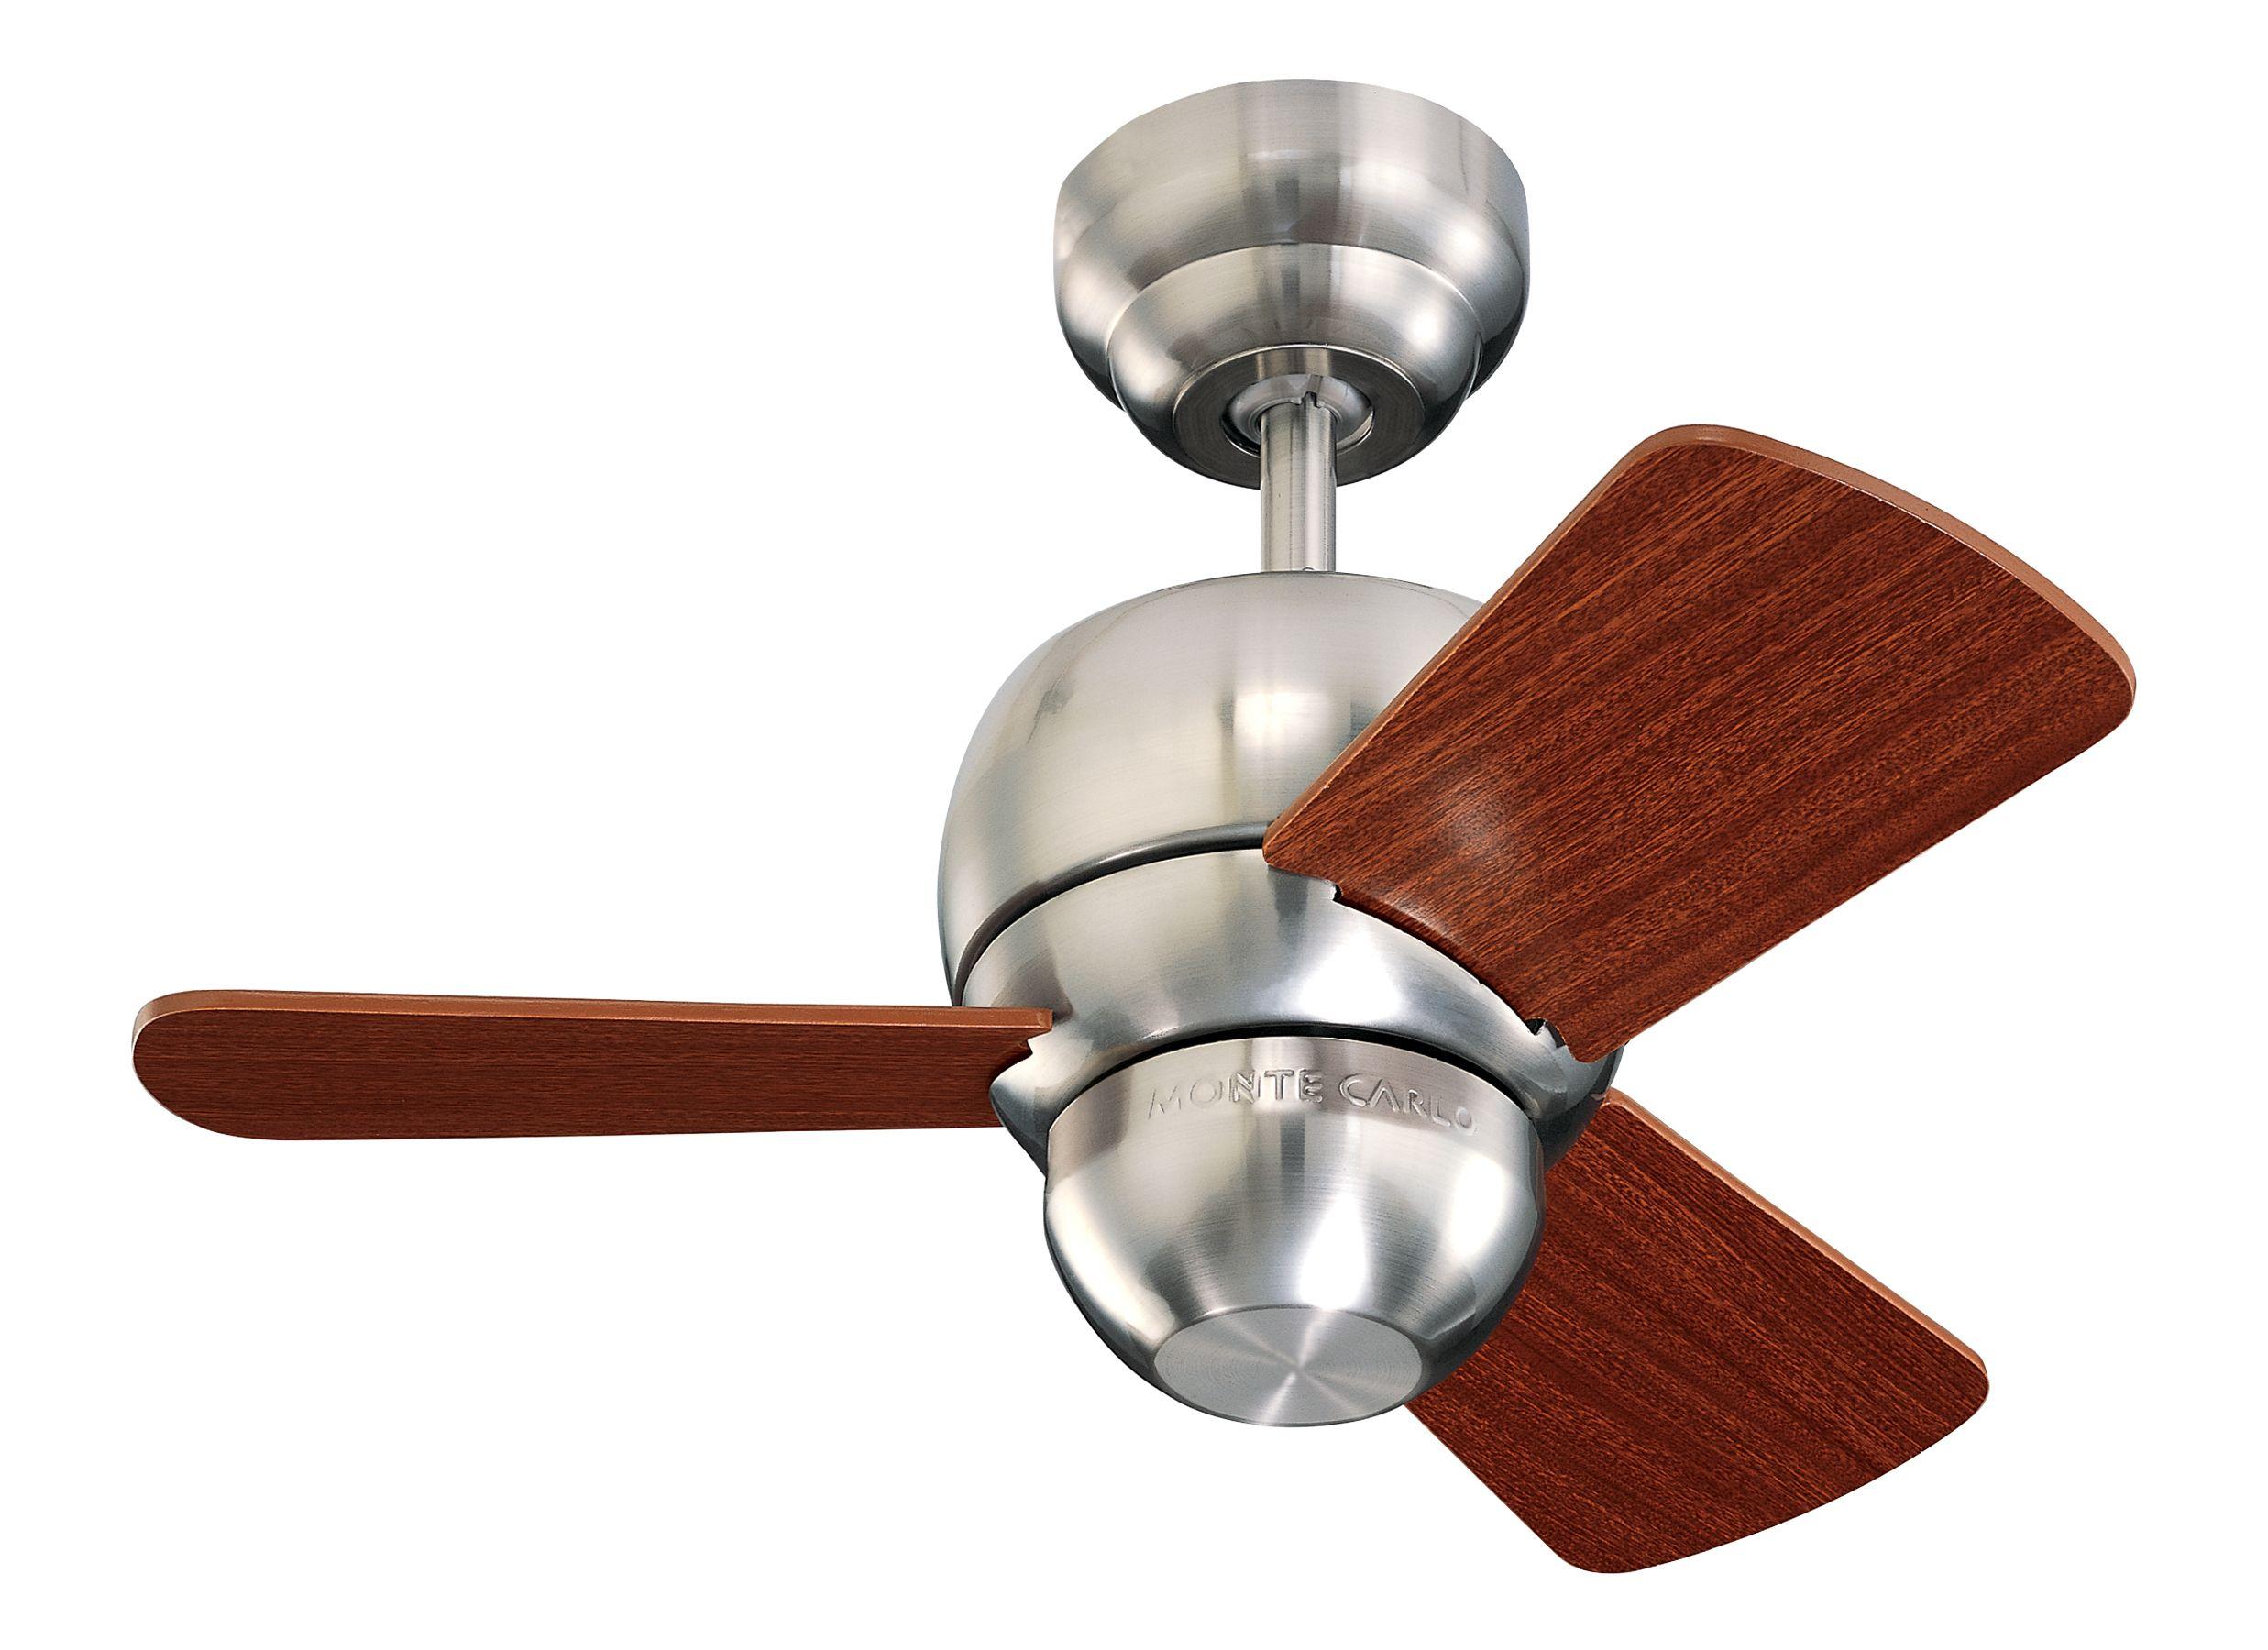 MONTE CARLO FAN 3TF24BS | Ceiling fan, Ceiling fan with ...